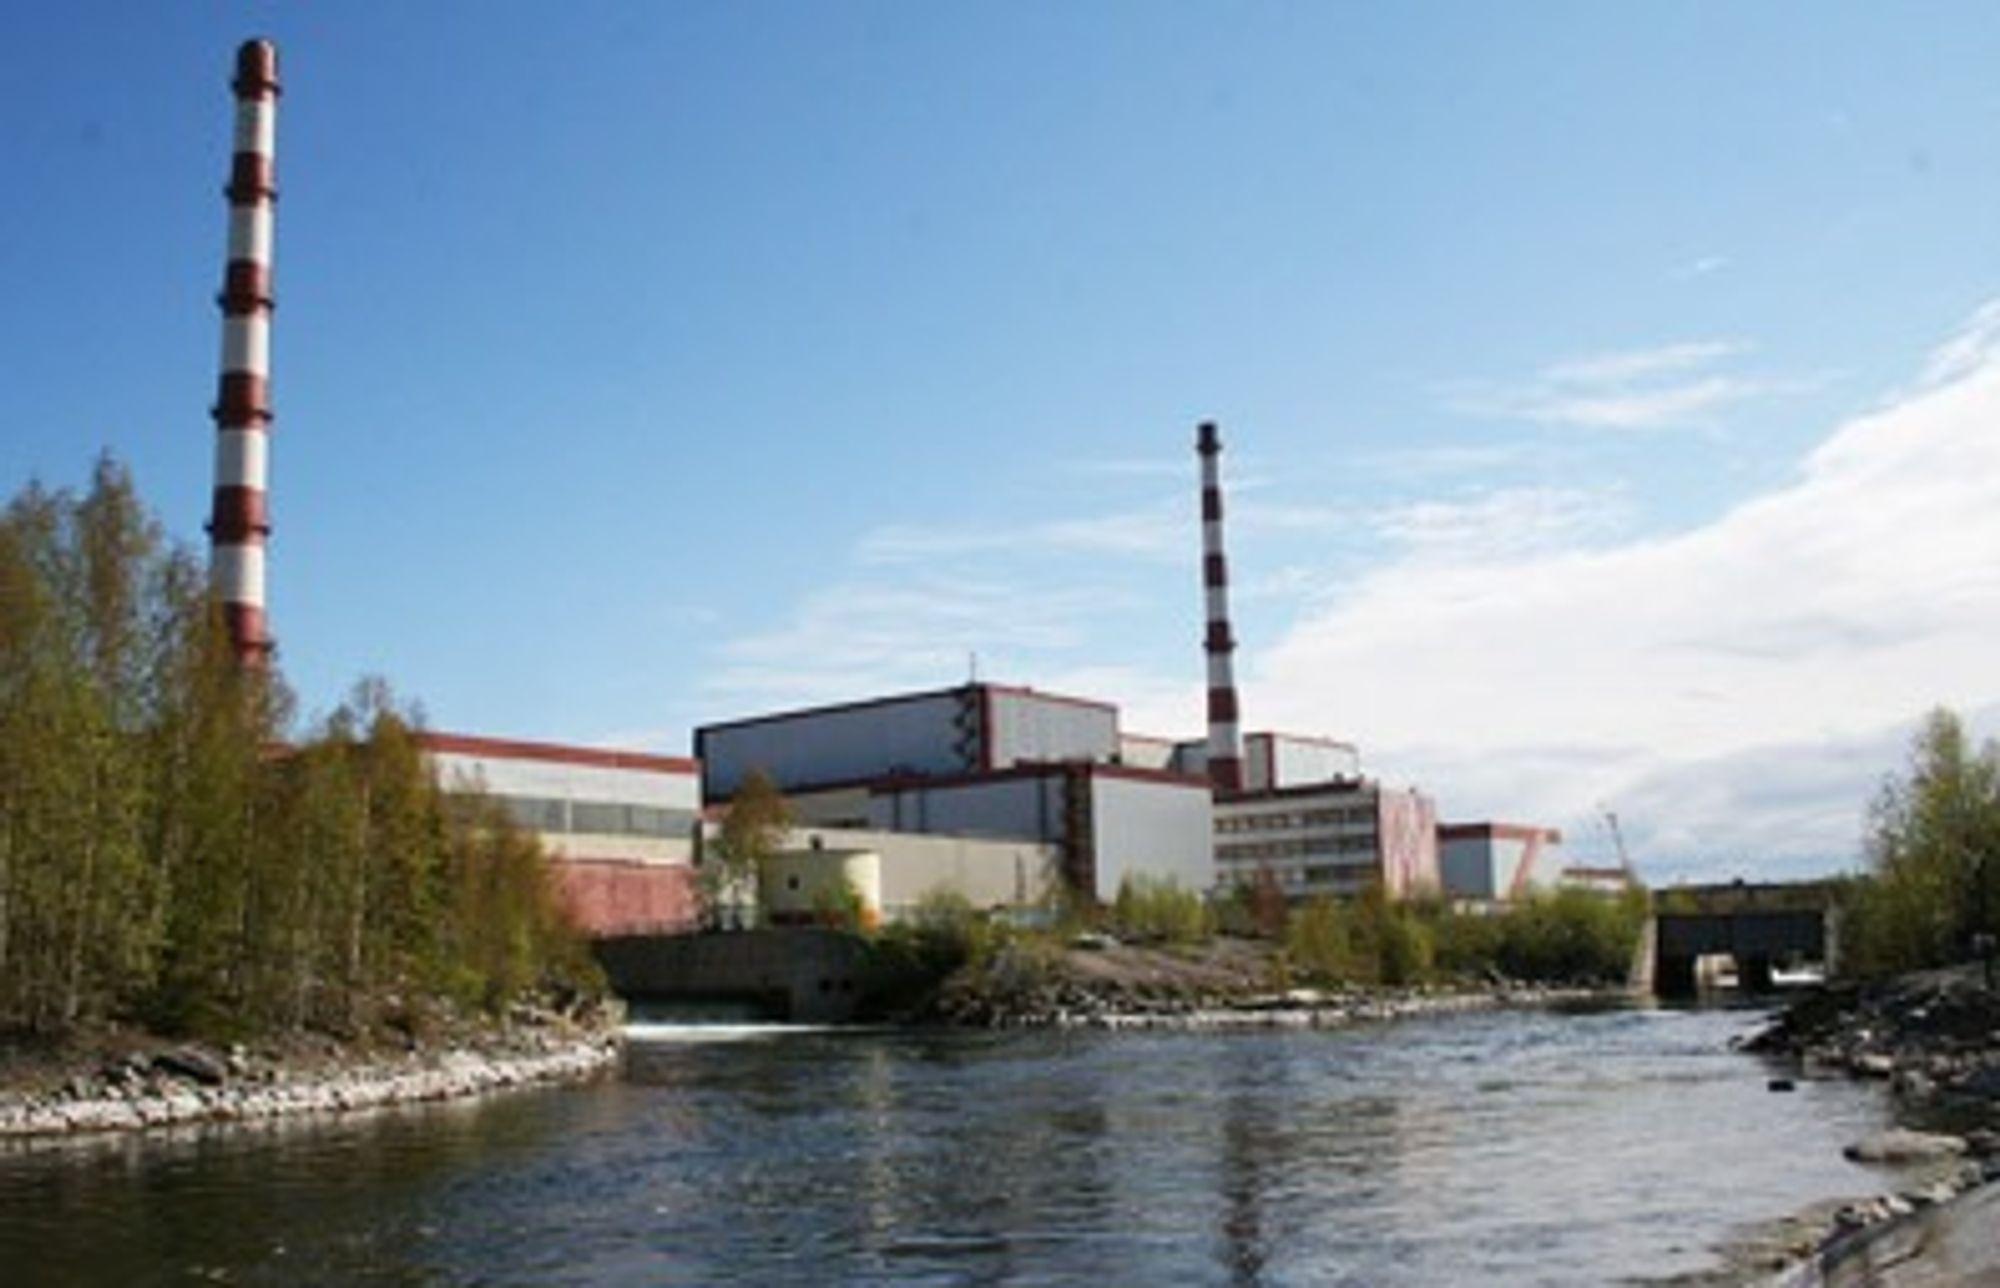 Av hensyn til mennesker, natur og miljø burde Kola atomkraftverk legges ned, mener ordførerne, som nå frykter at reaktorene igjen skal få forlenget levetid.